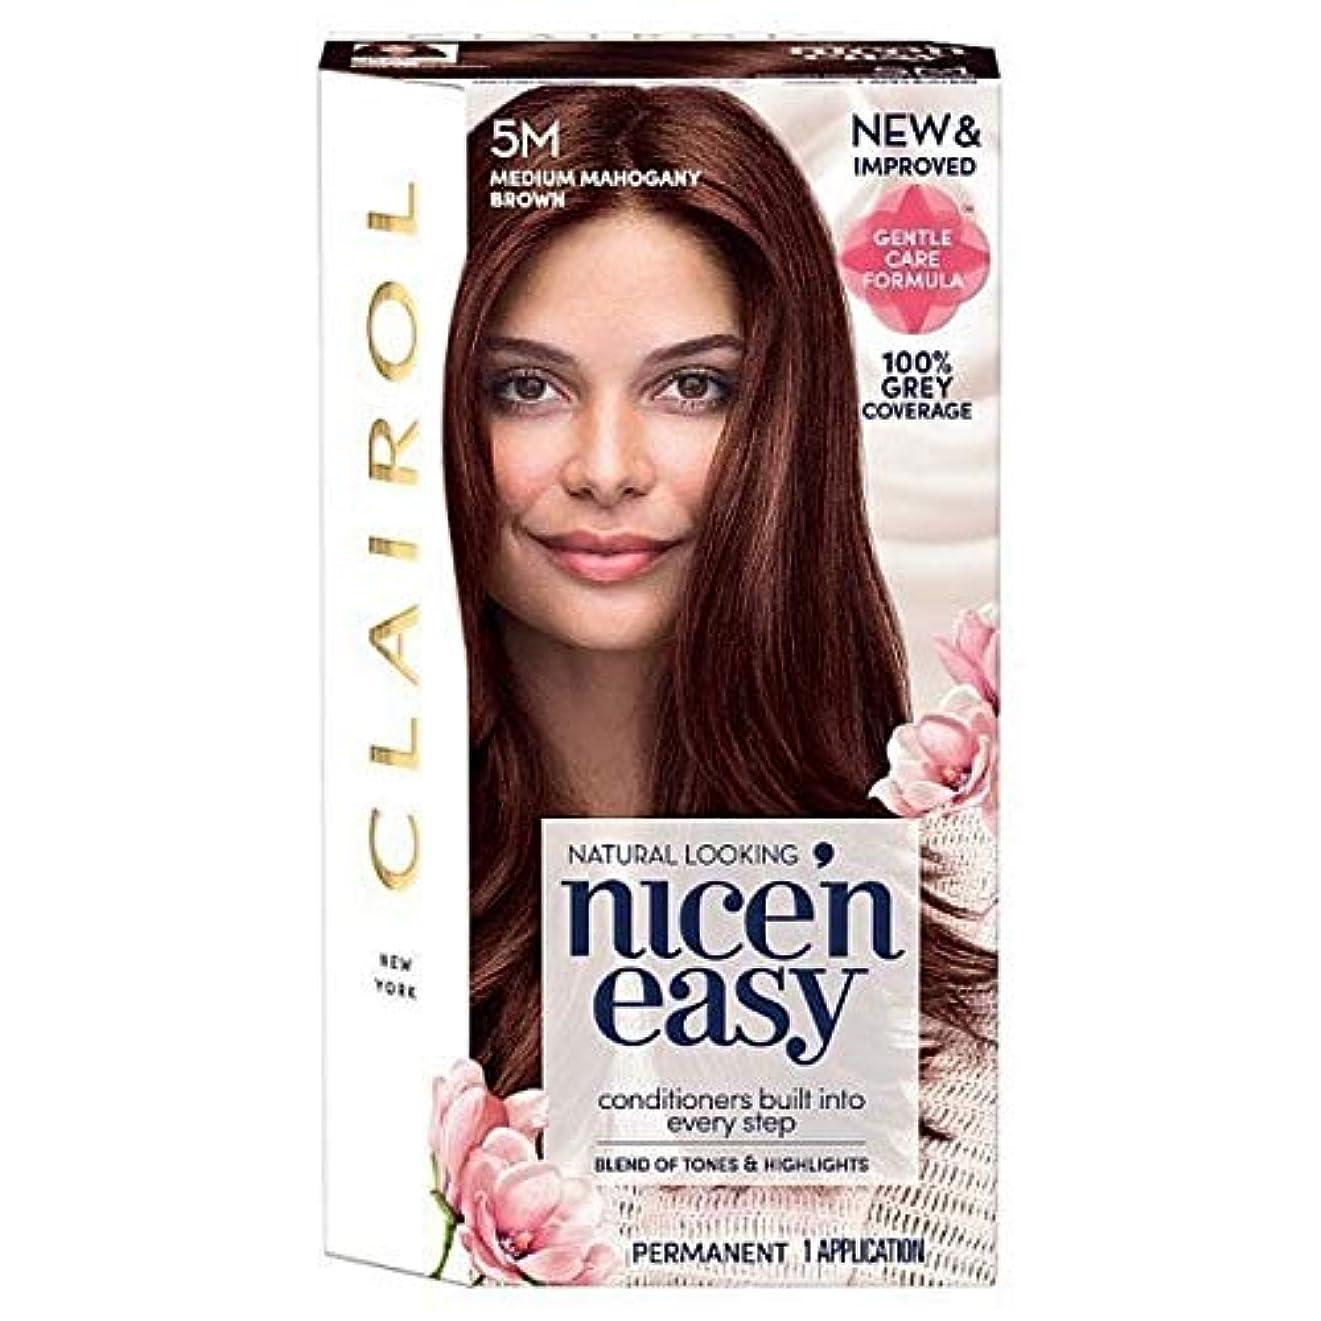 侵入するエンティティテセウス[Nice'n Easy] 簡単に5メートルメディアマホガニーブラウンNice'N - Nice'n Easy 5M Medium Mahogany Brown [並行輸入品]